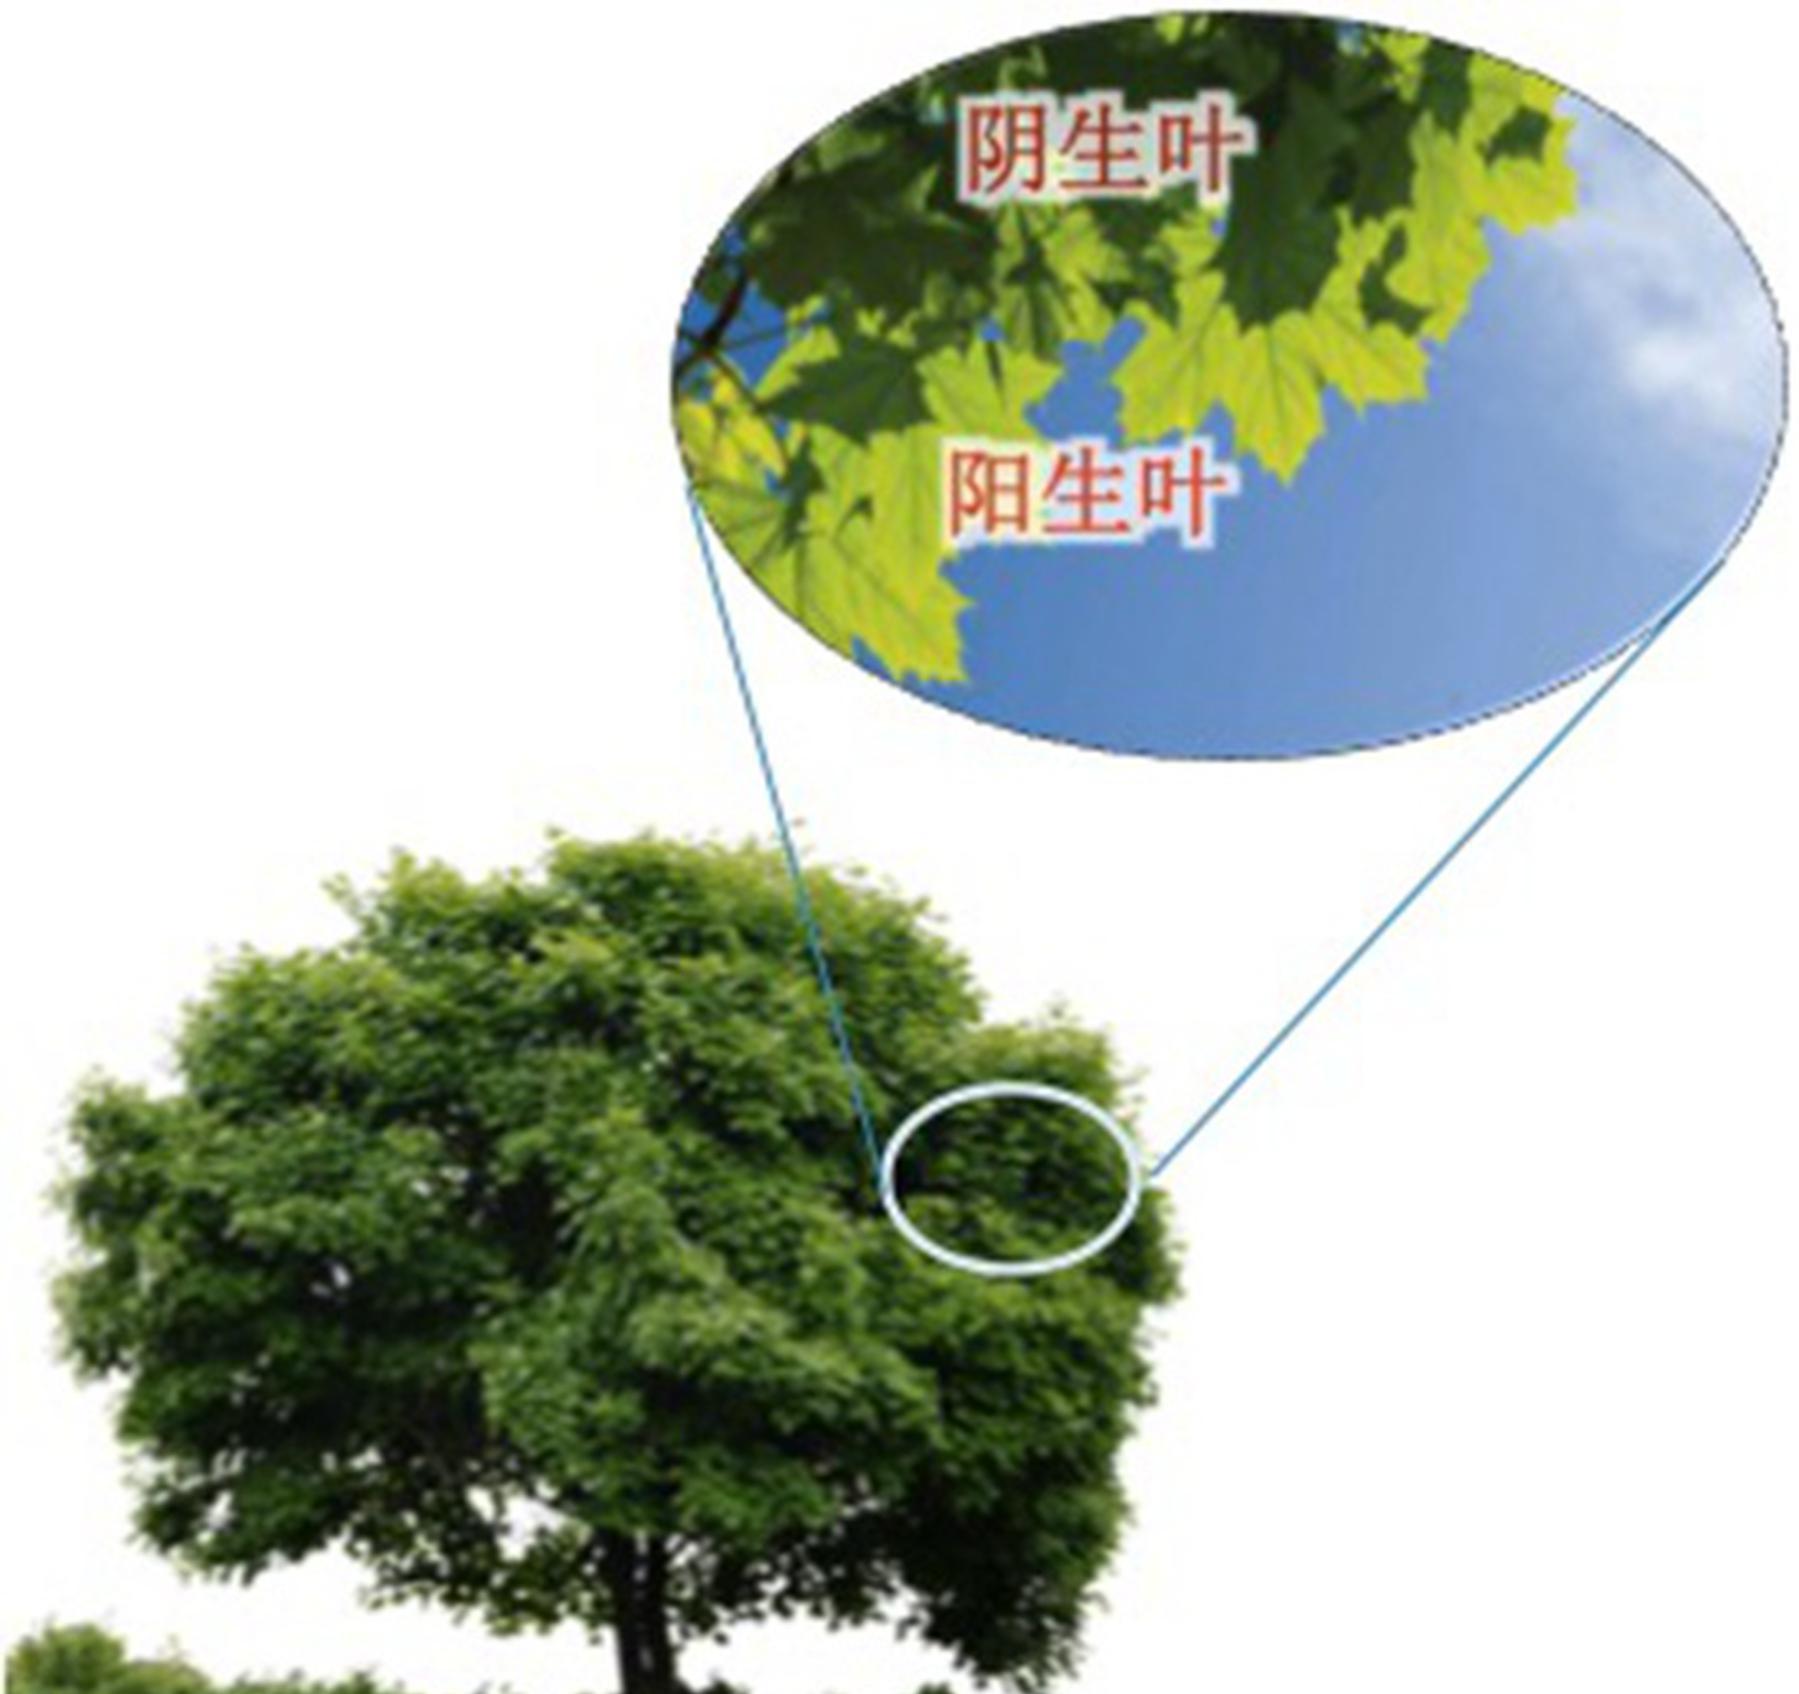 中国学者最新研究成果:雾霾越严重 森林长得越快